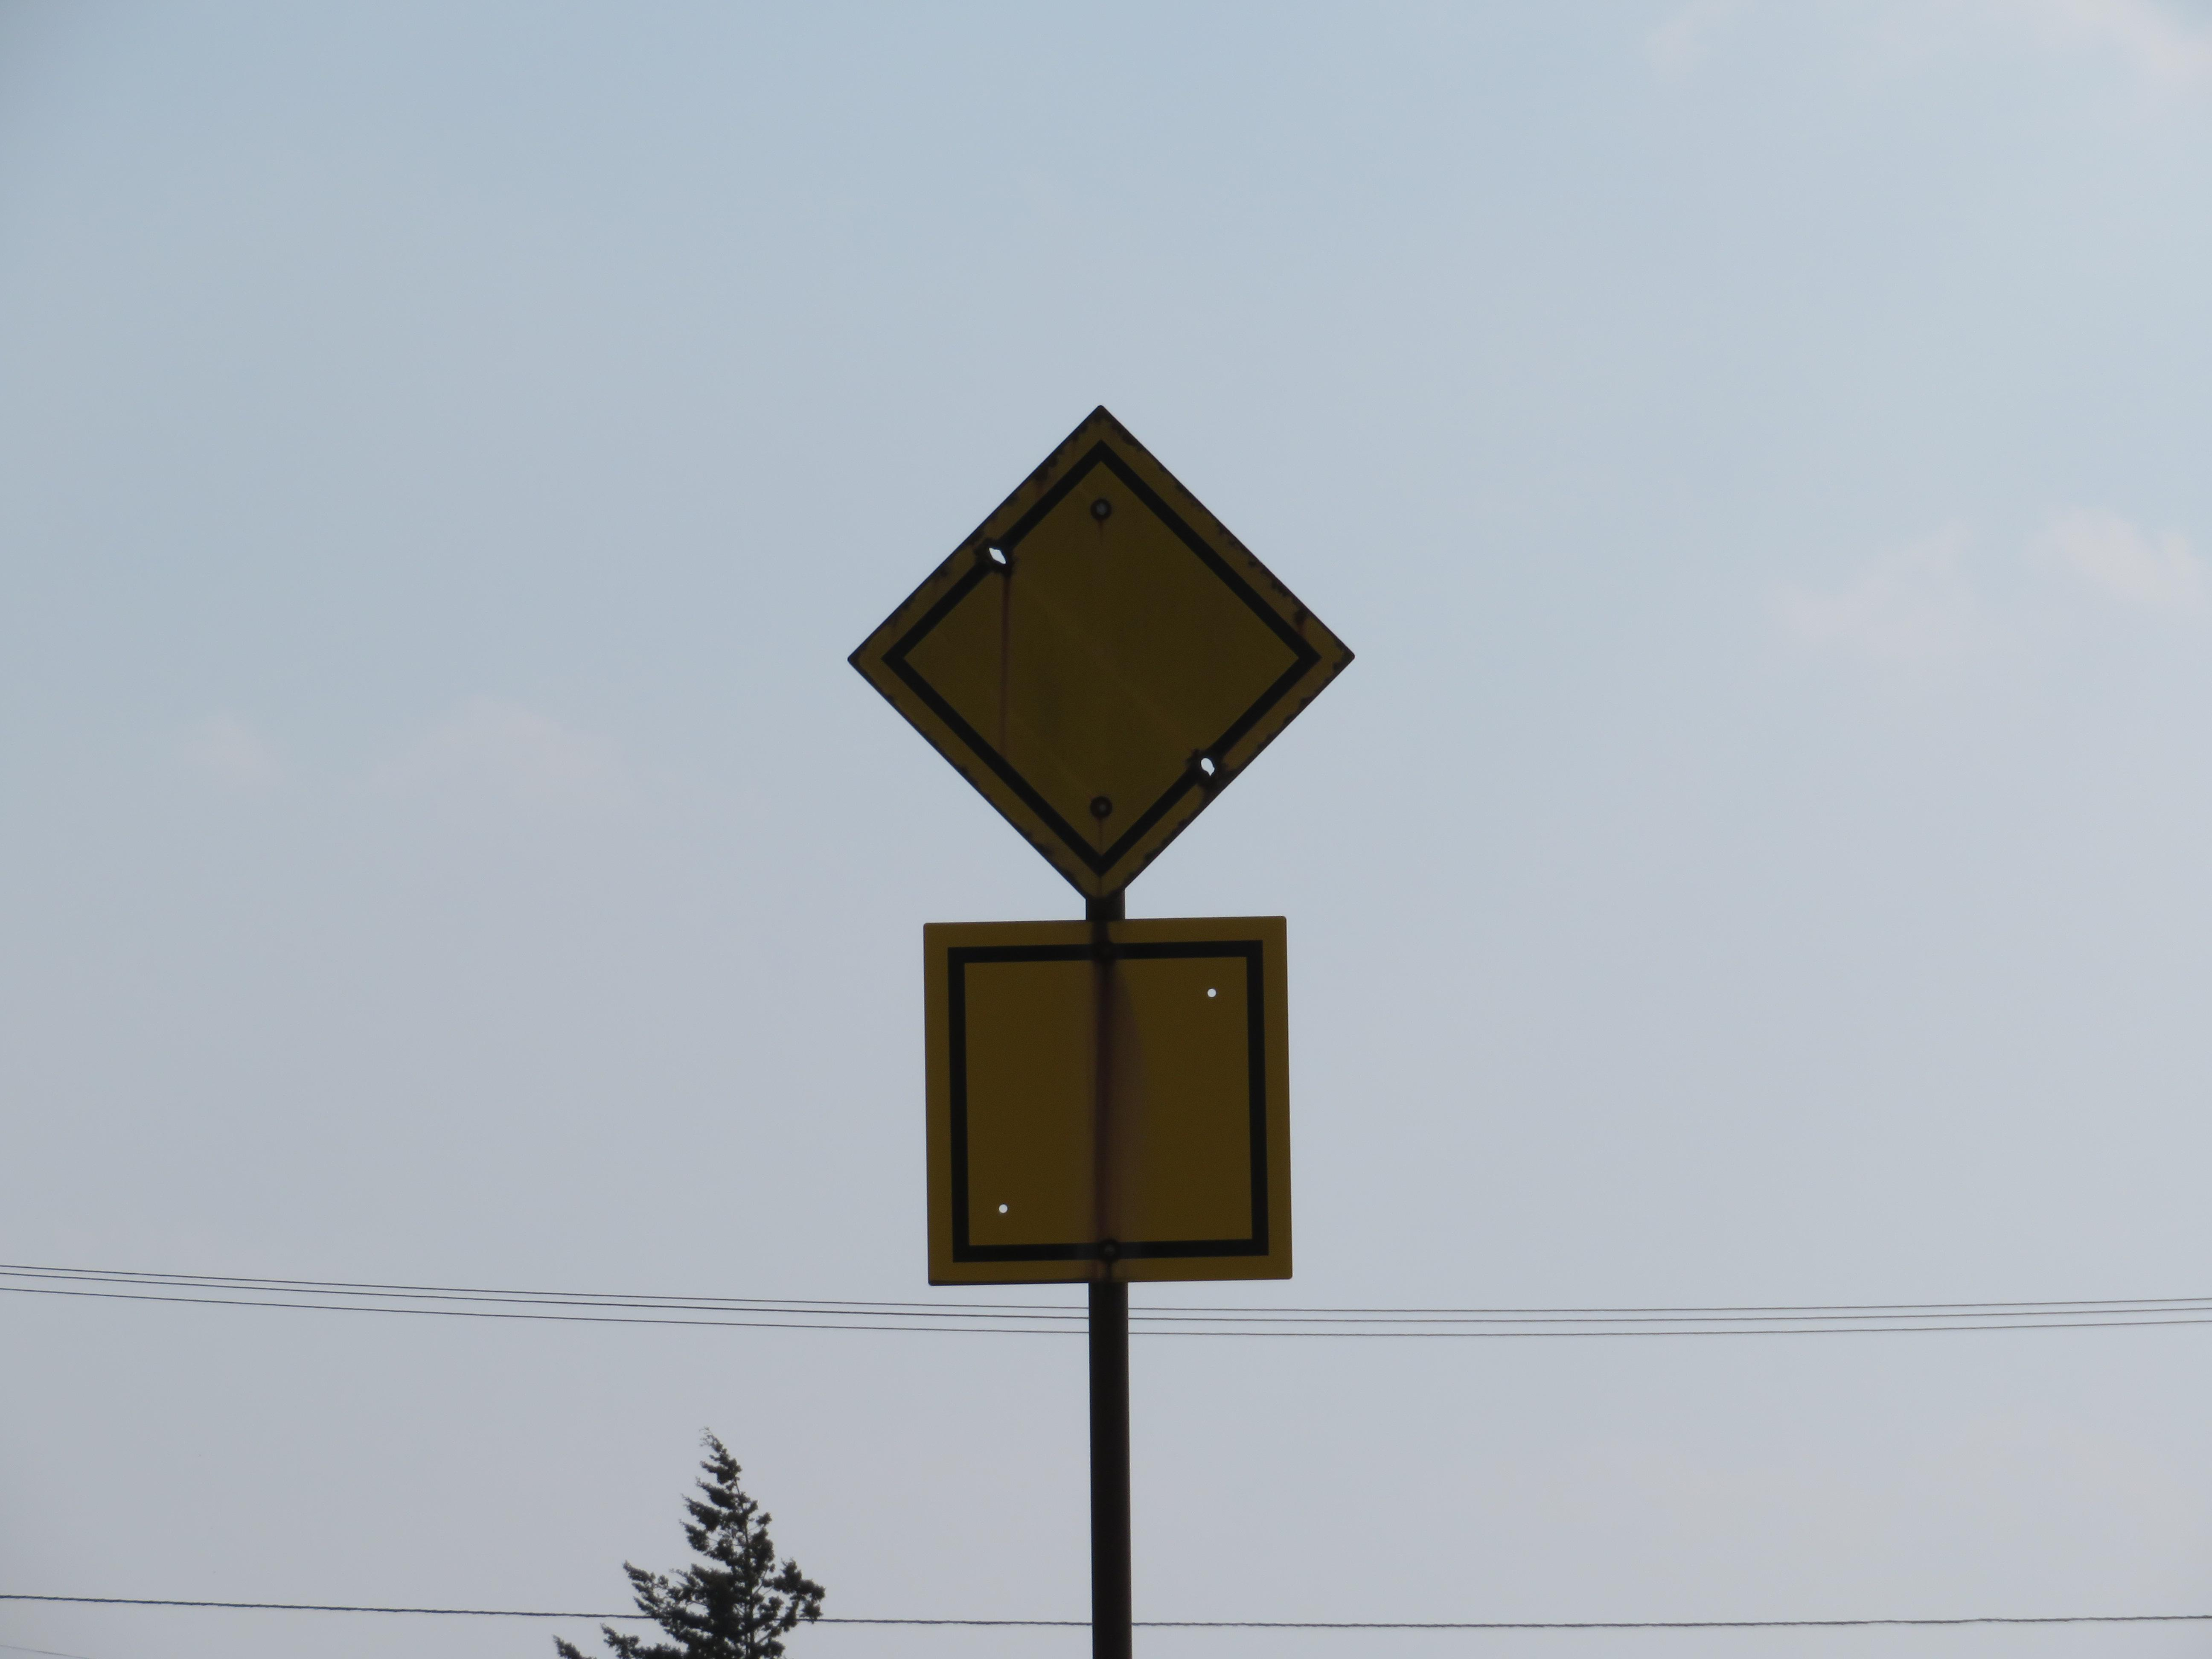 鉄道豆知識 雪かき車警標